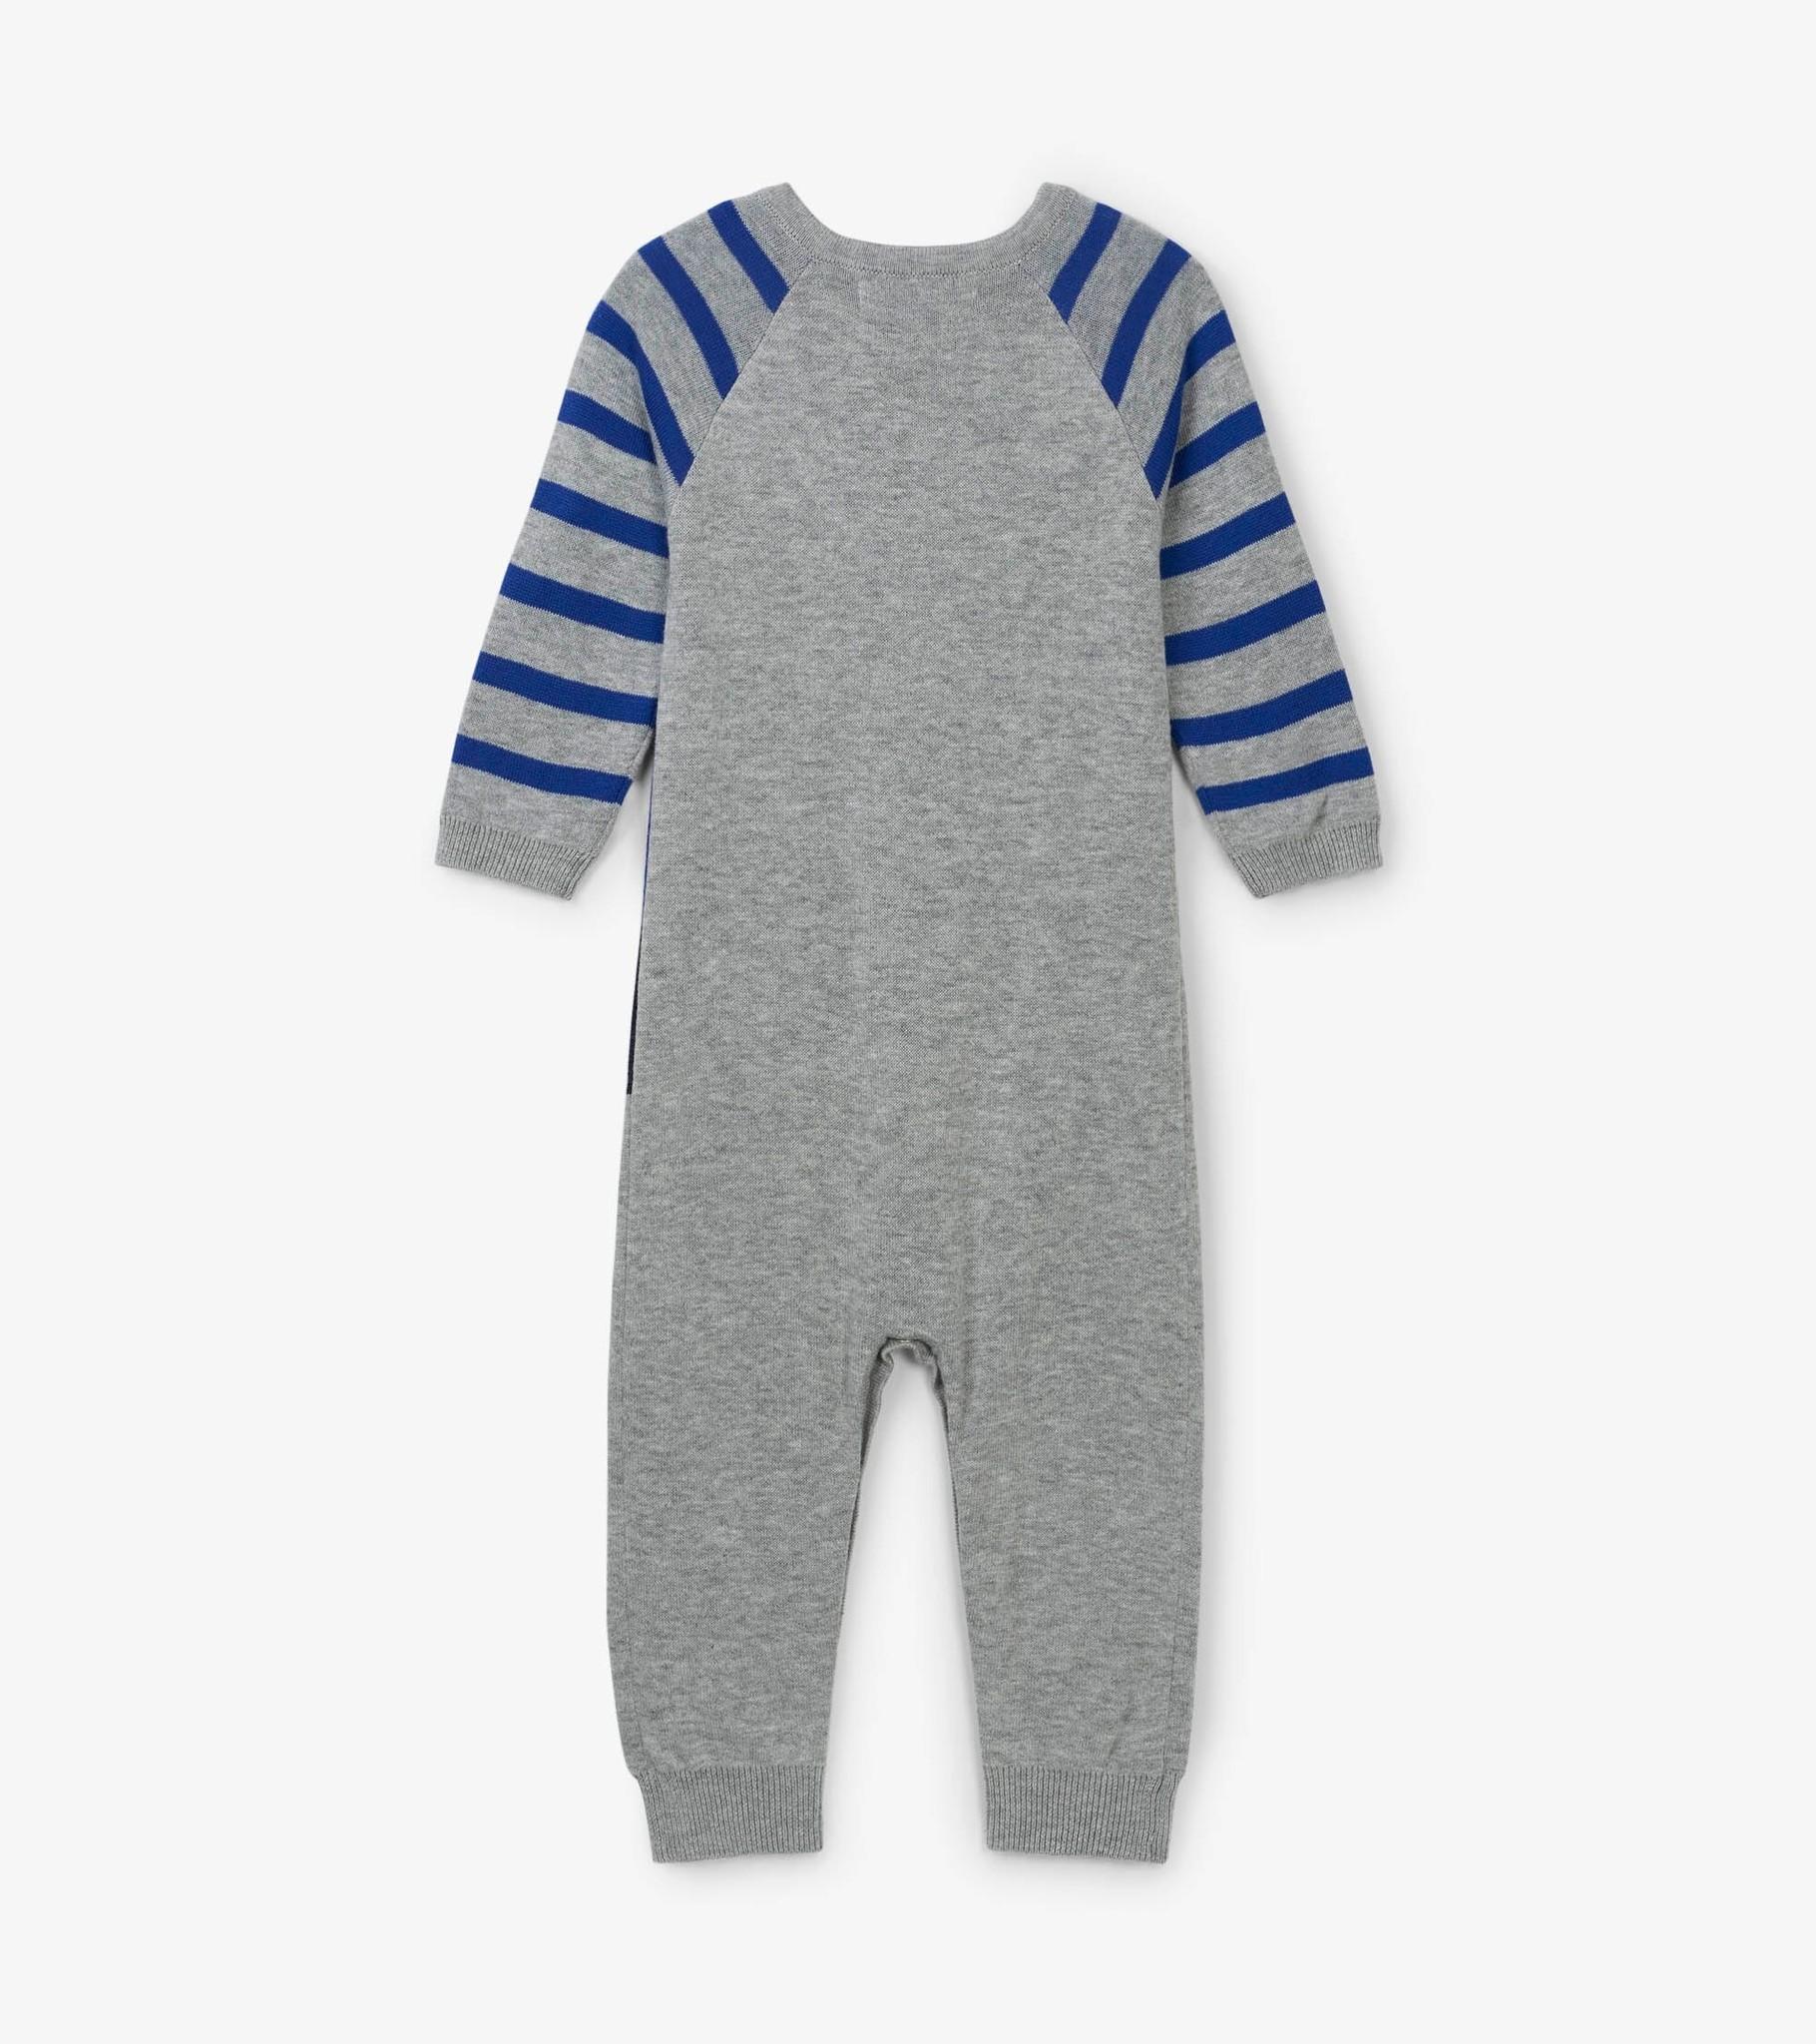 Hatley Hatley Blue Moose Baby Sweater Romper